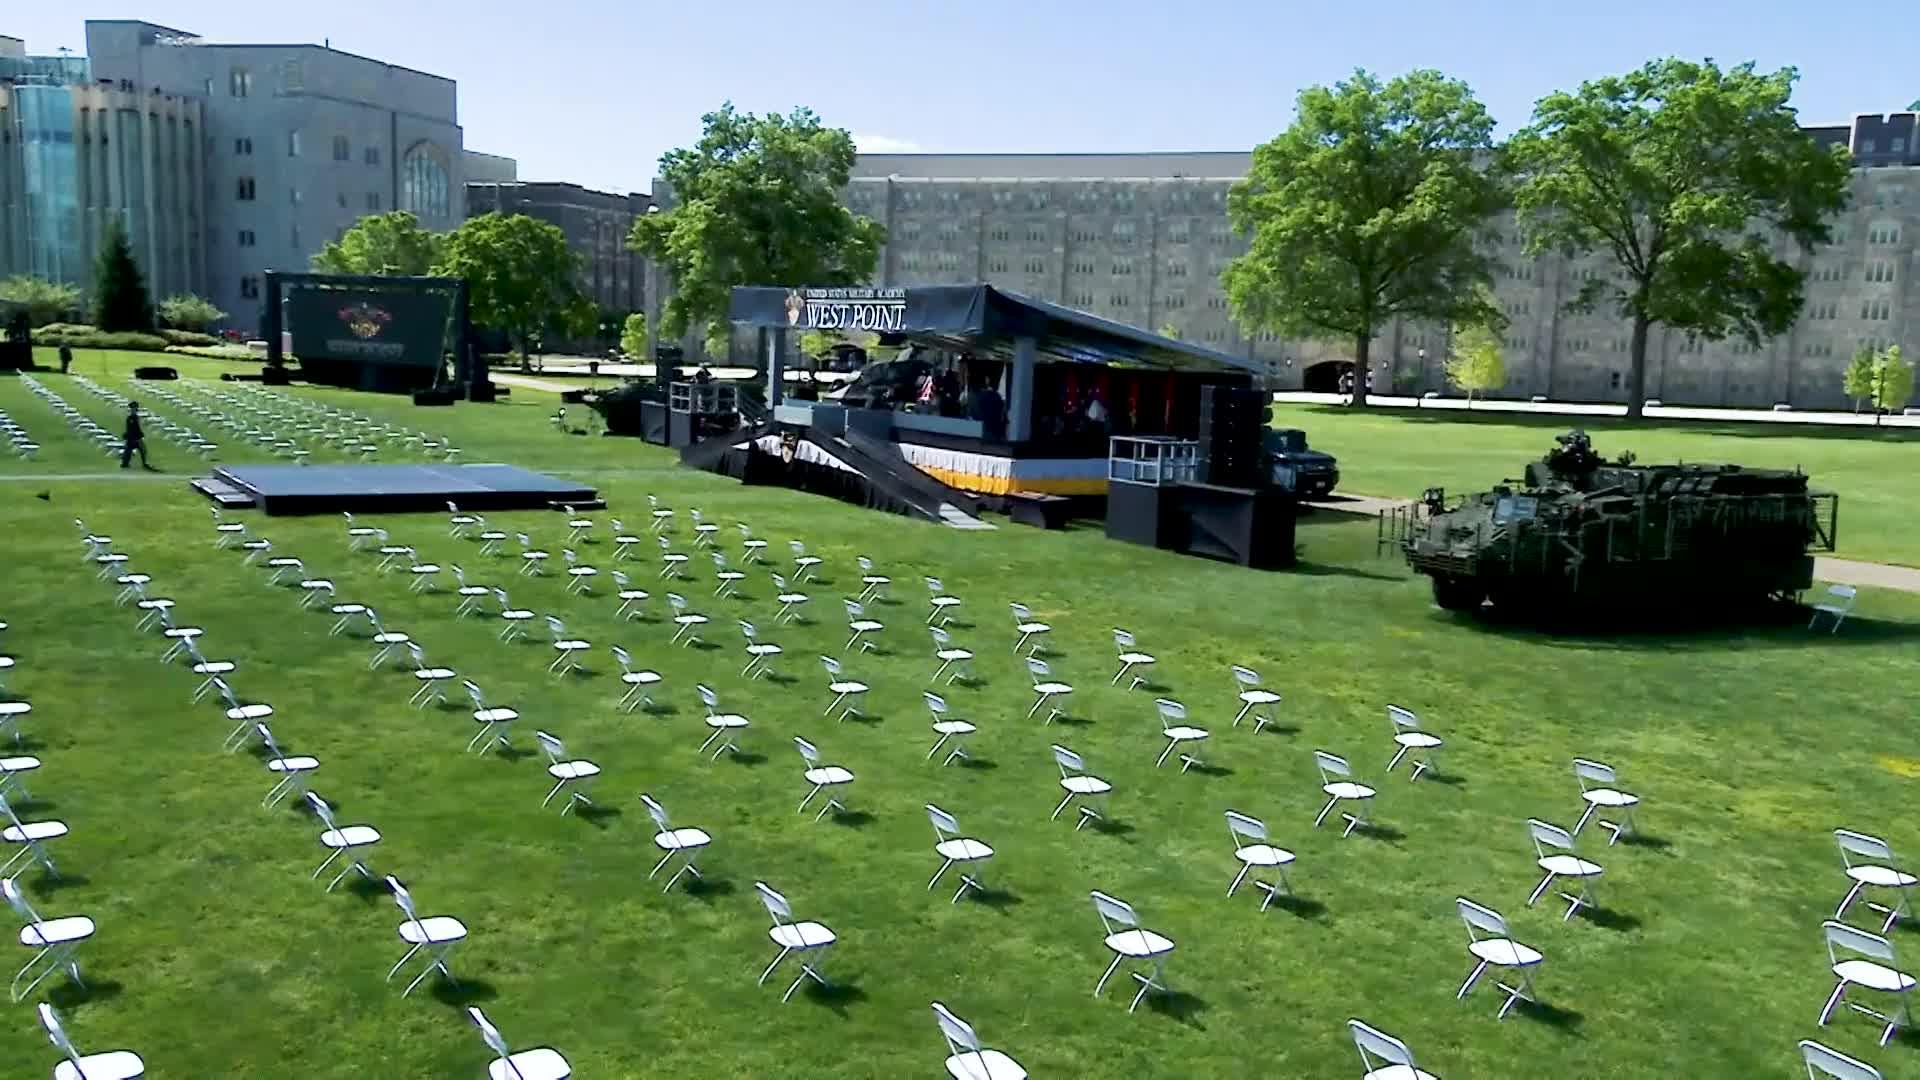 美国西点军校毕业典礼现场,也开始戴口罩规范座位距离